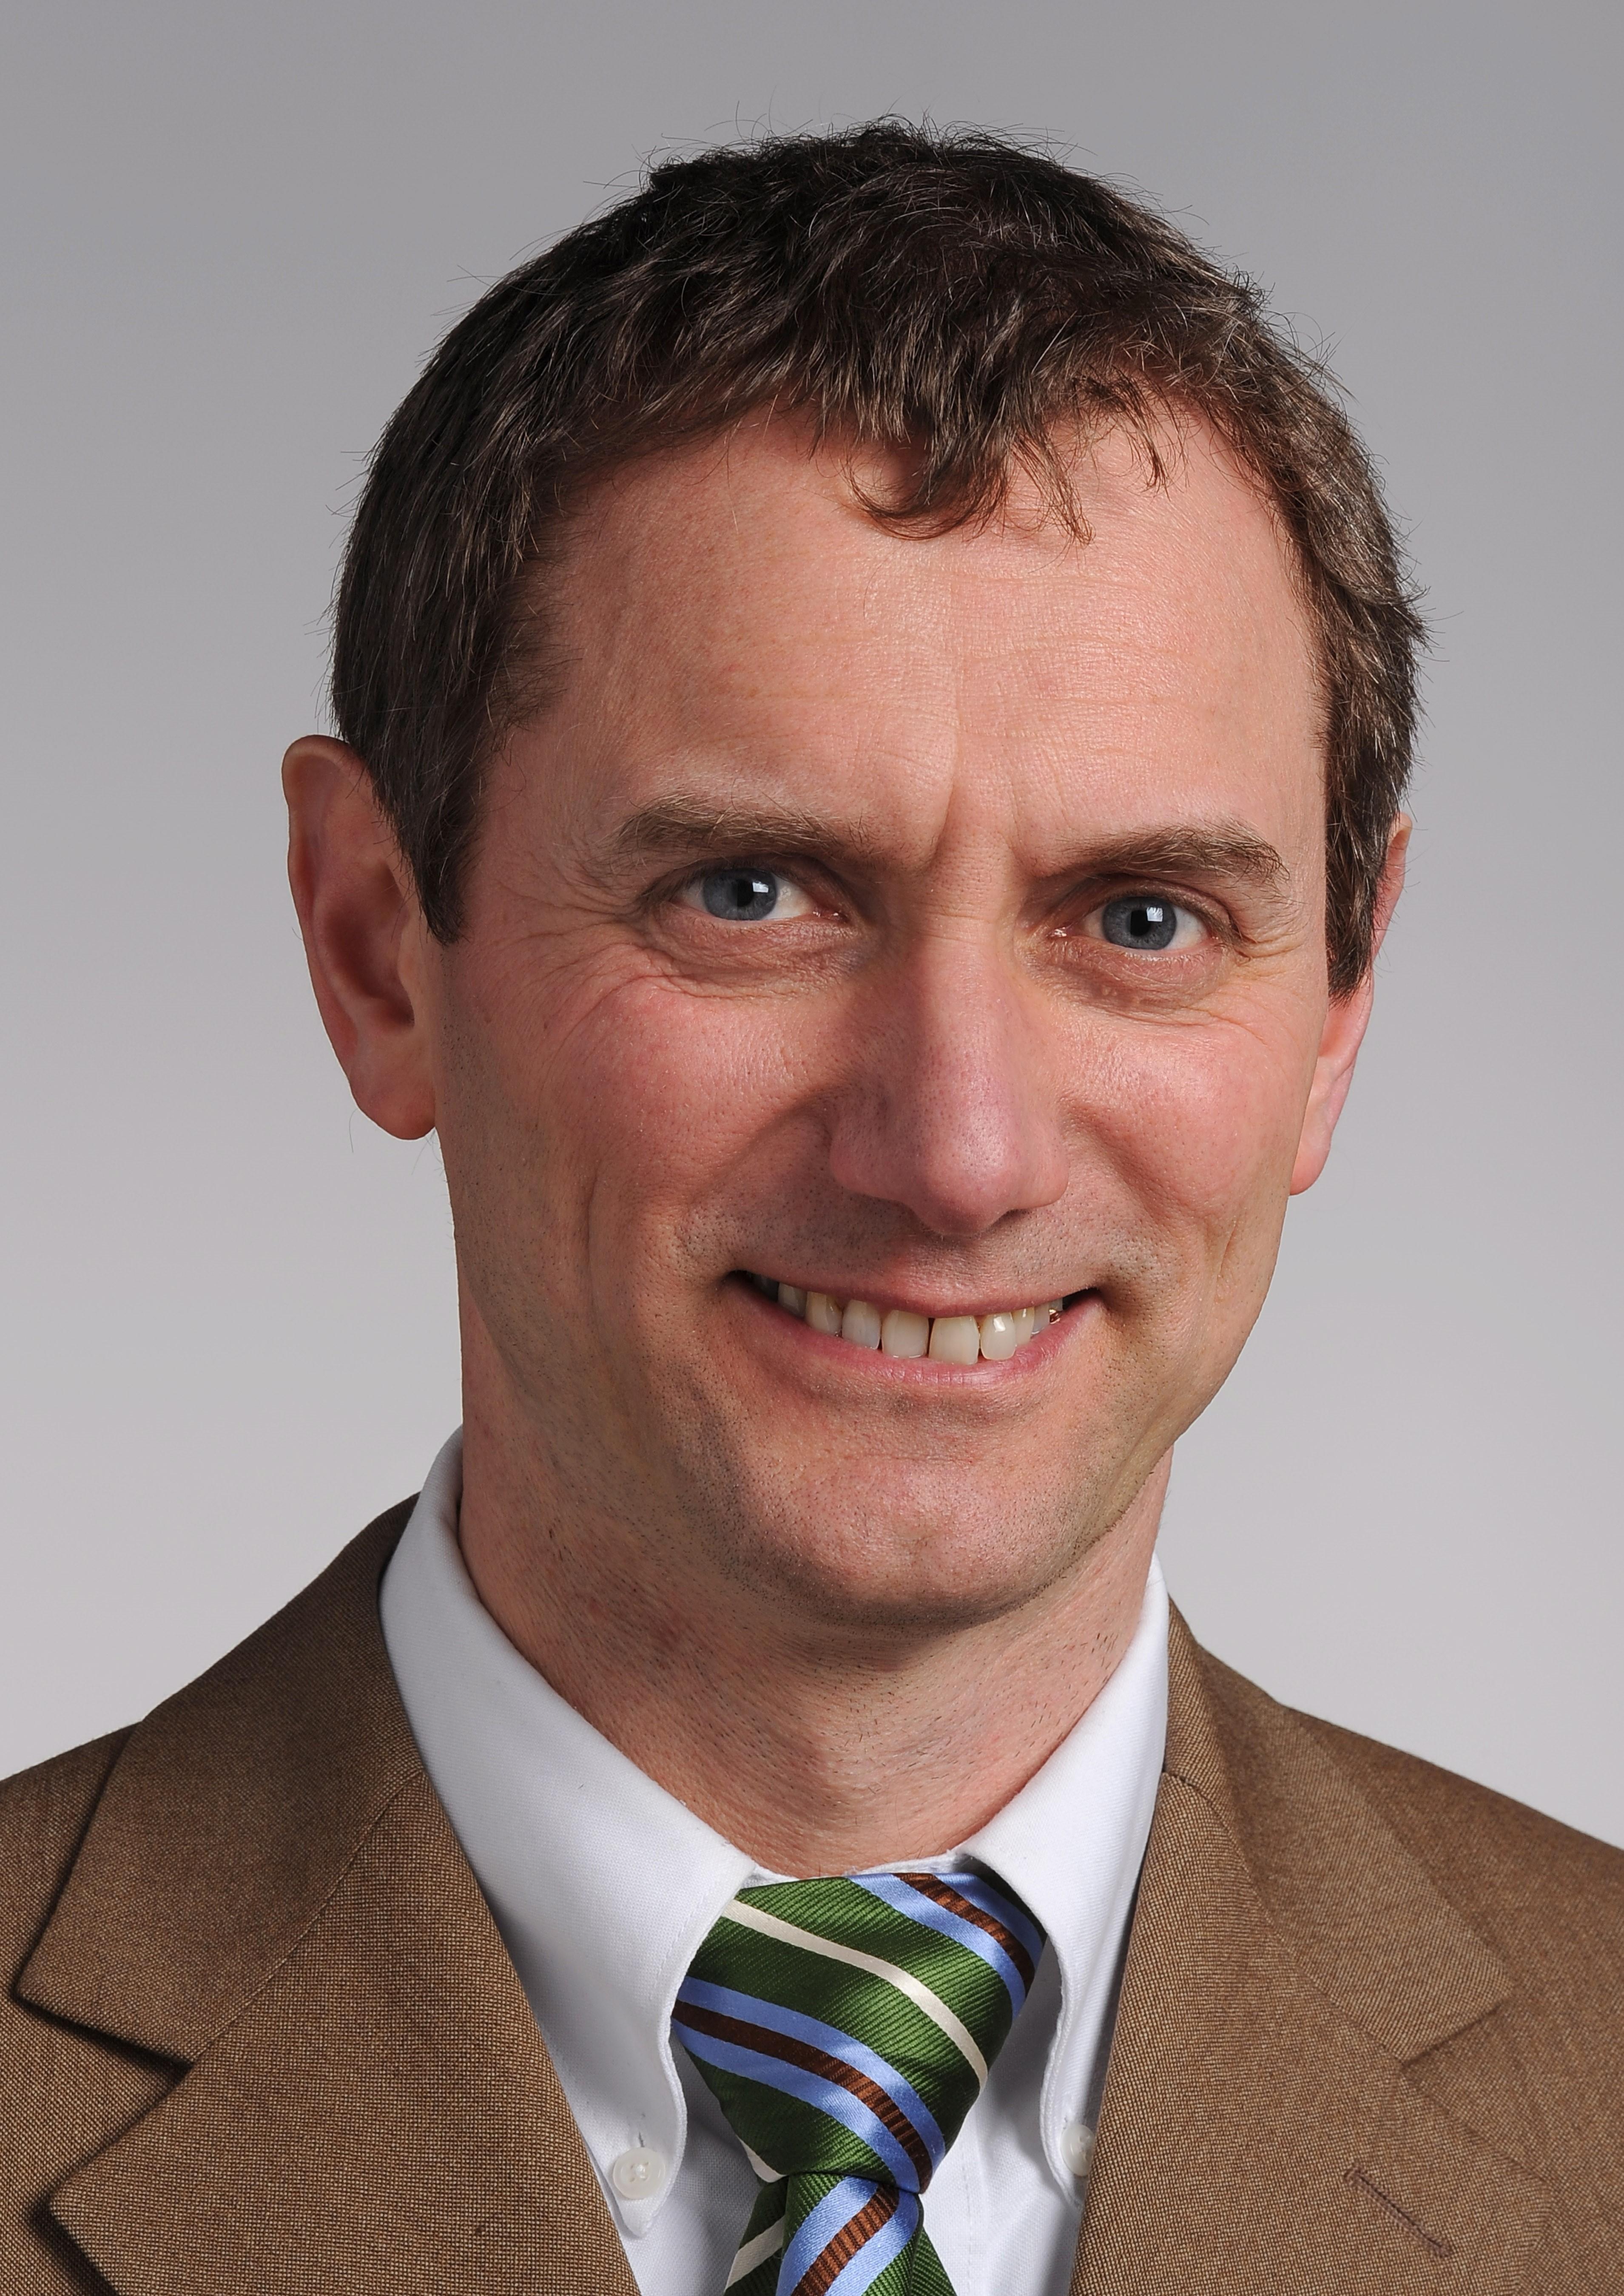 Prof. Joern Rittweger